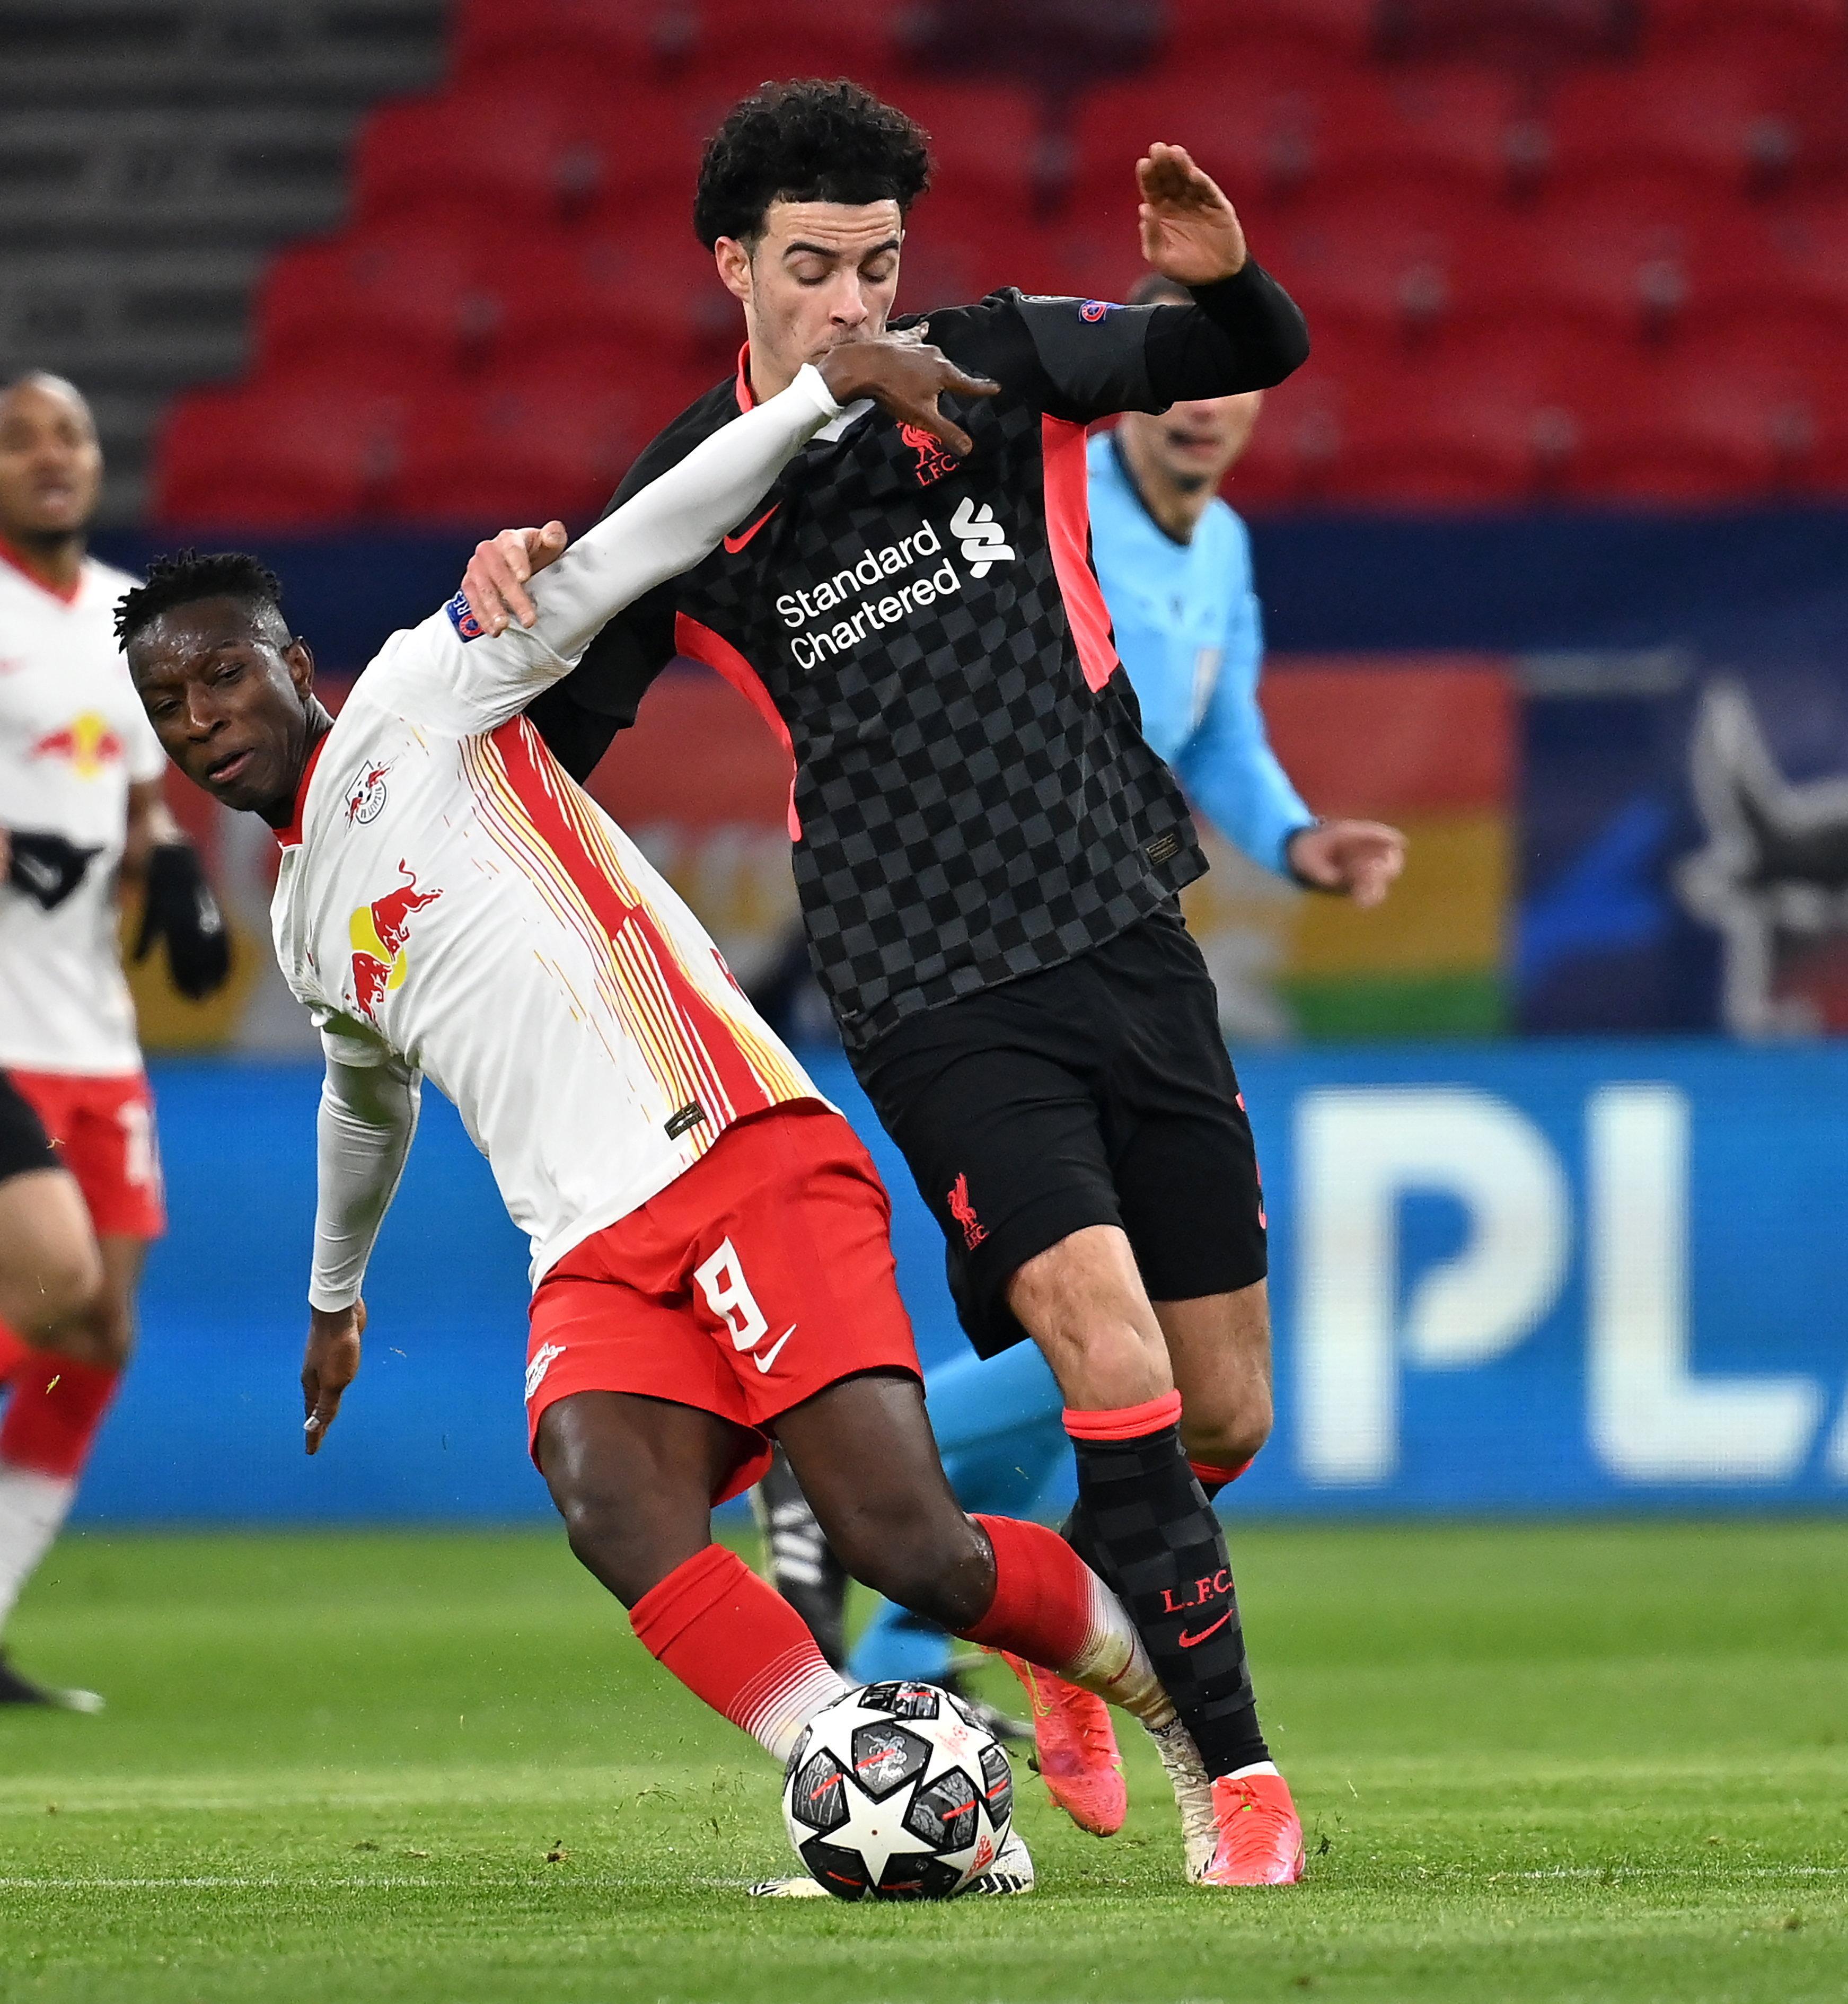 2-0-ra legyőzte a Lipcsét a Liverpool a Puskásban